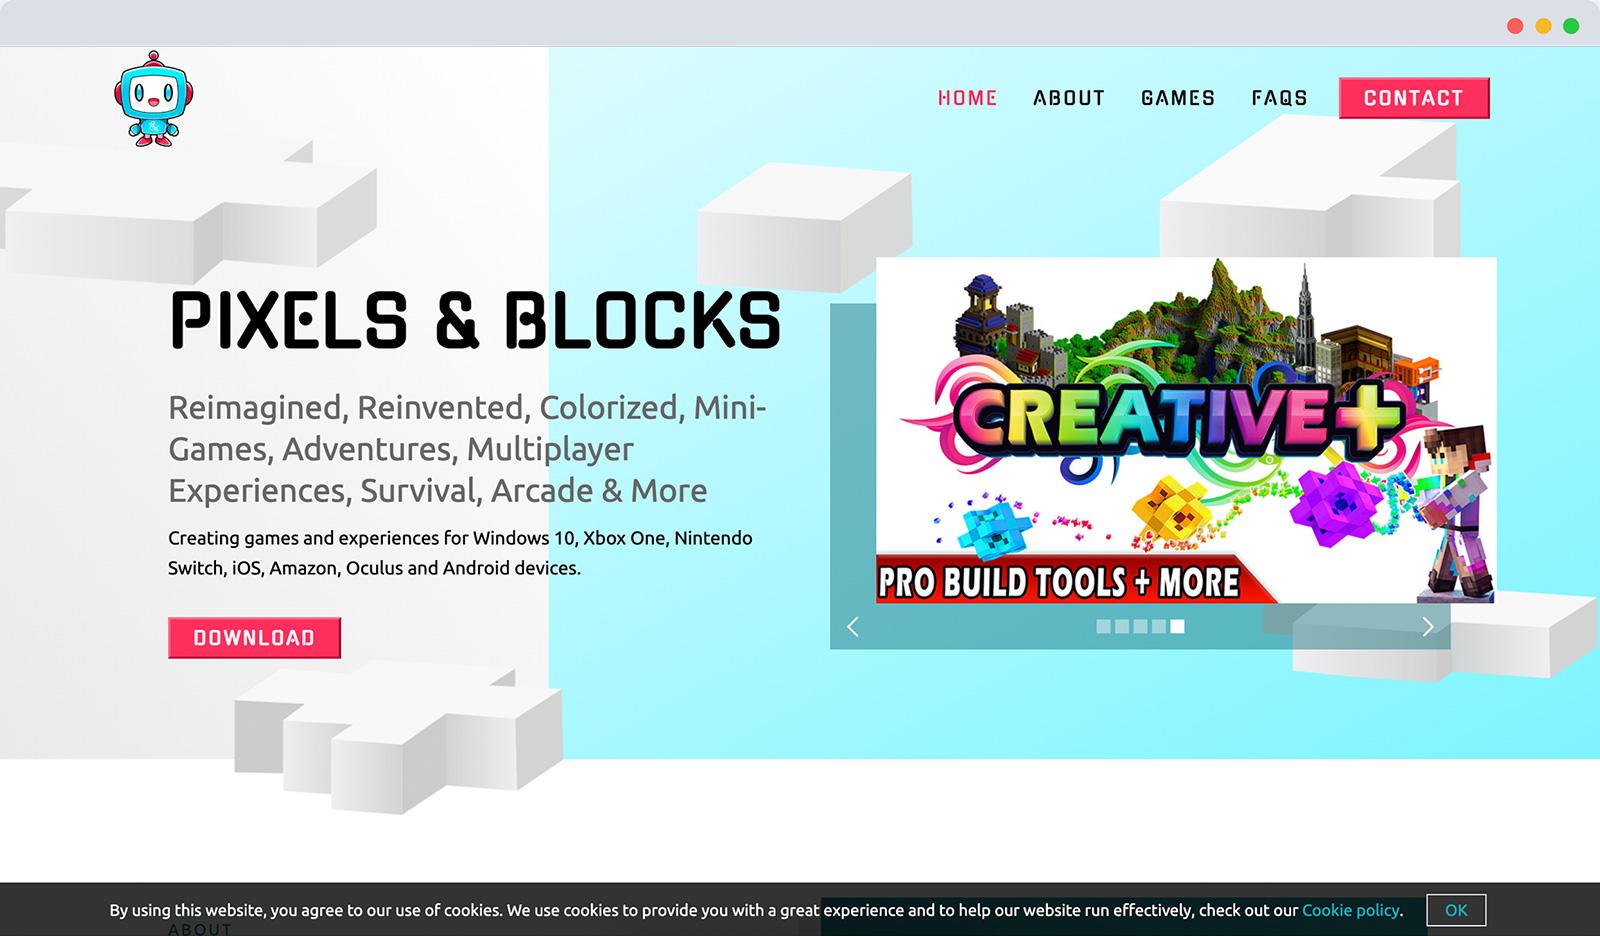 Pixels and Blocks